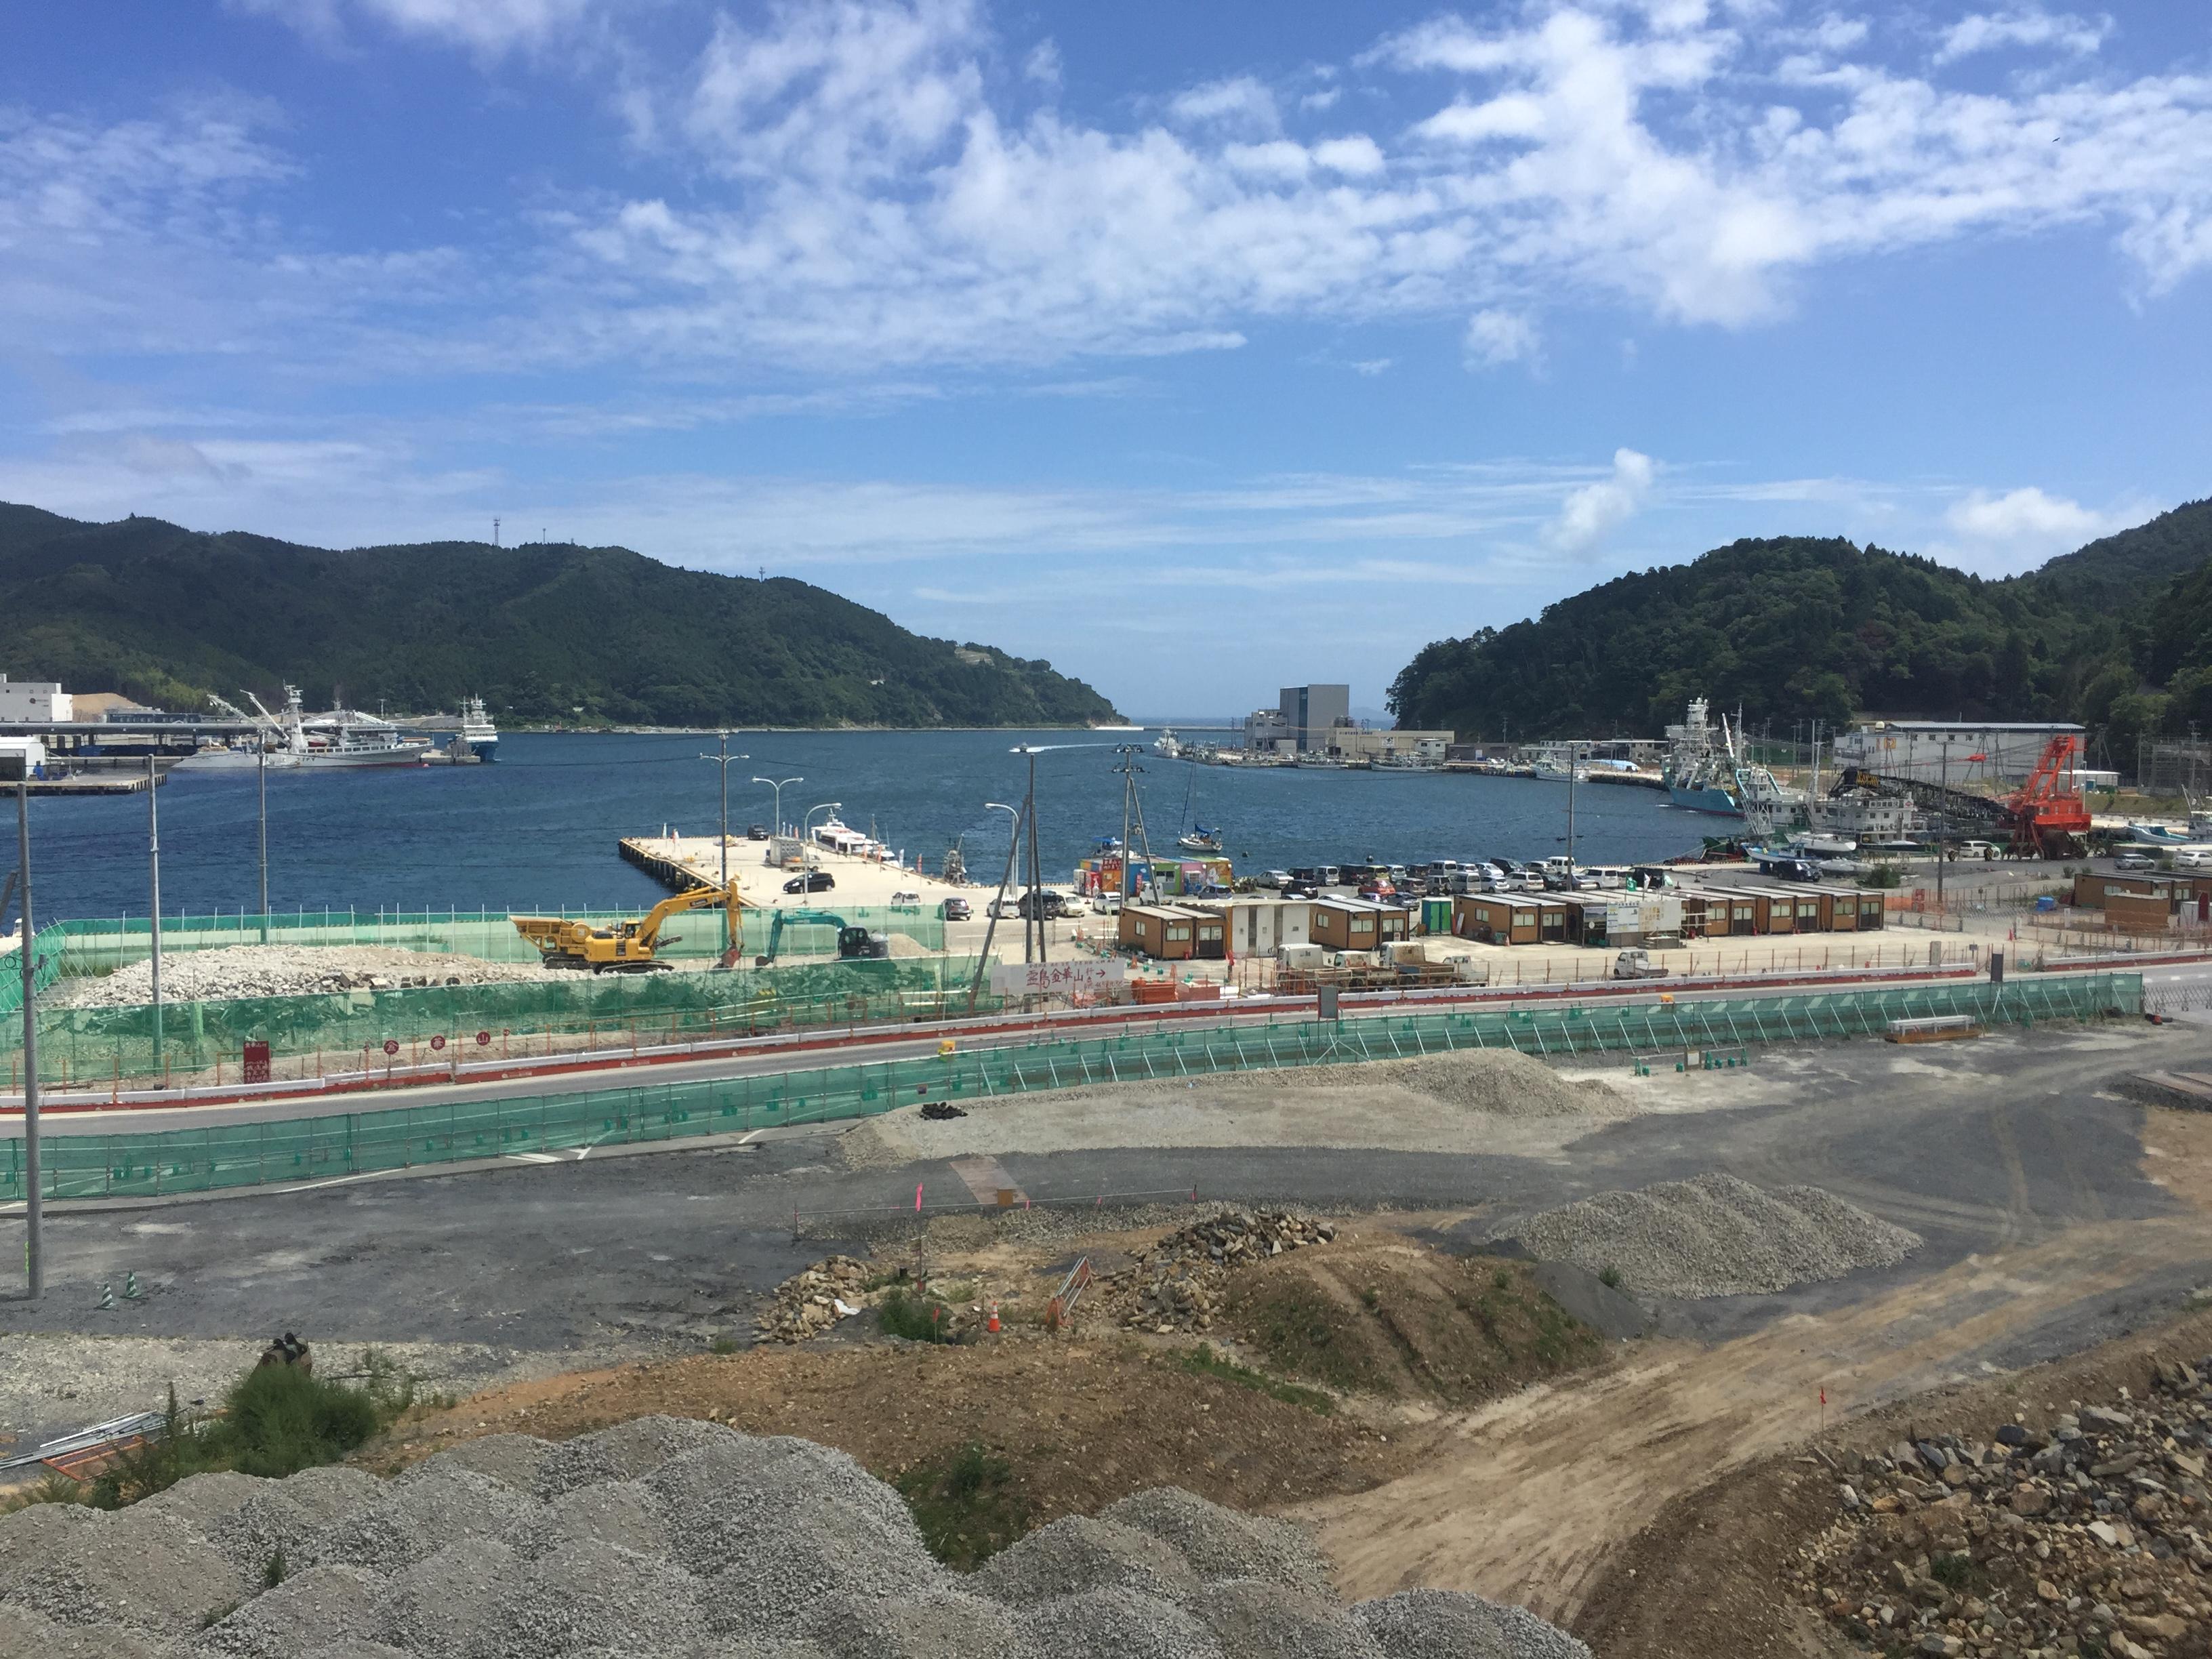 Onagawa shipyard